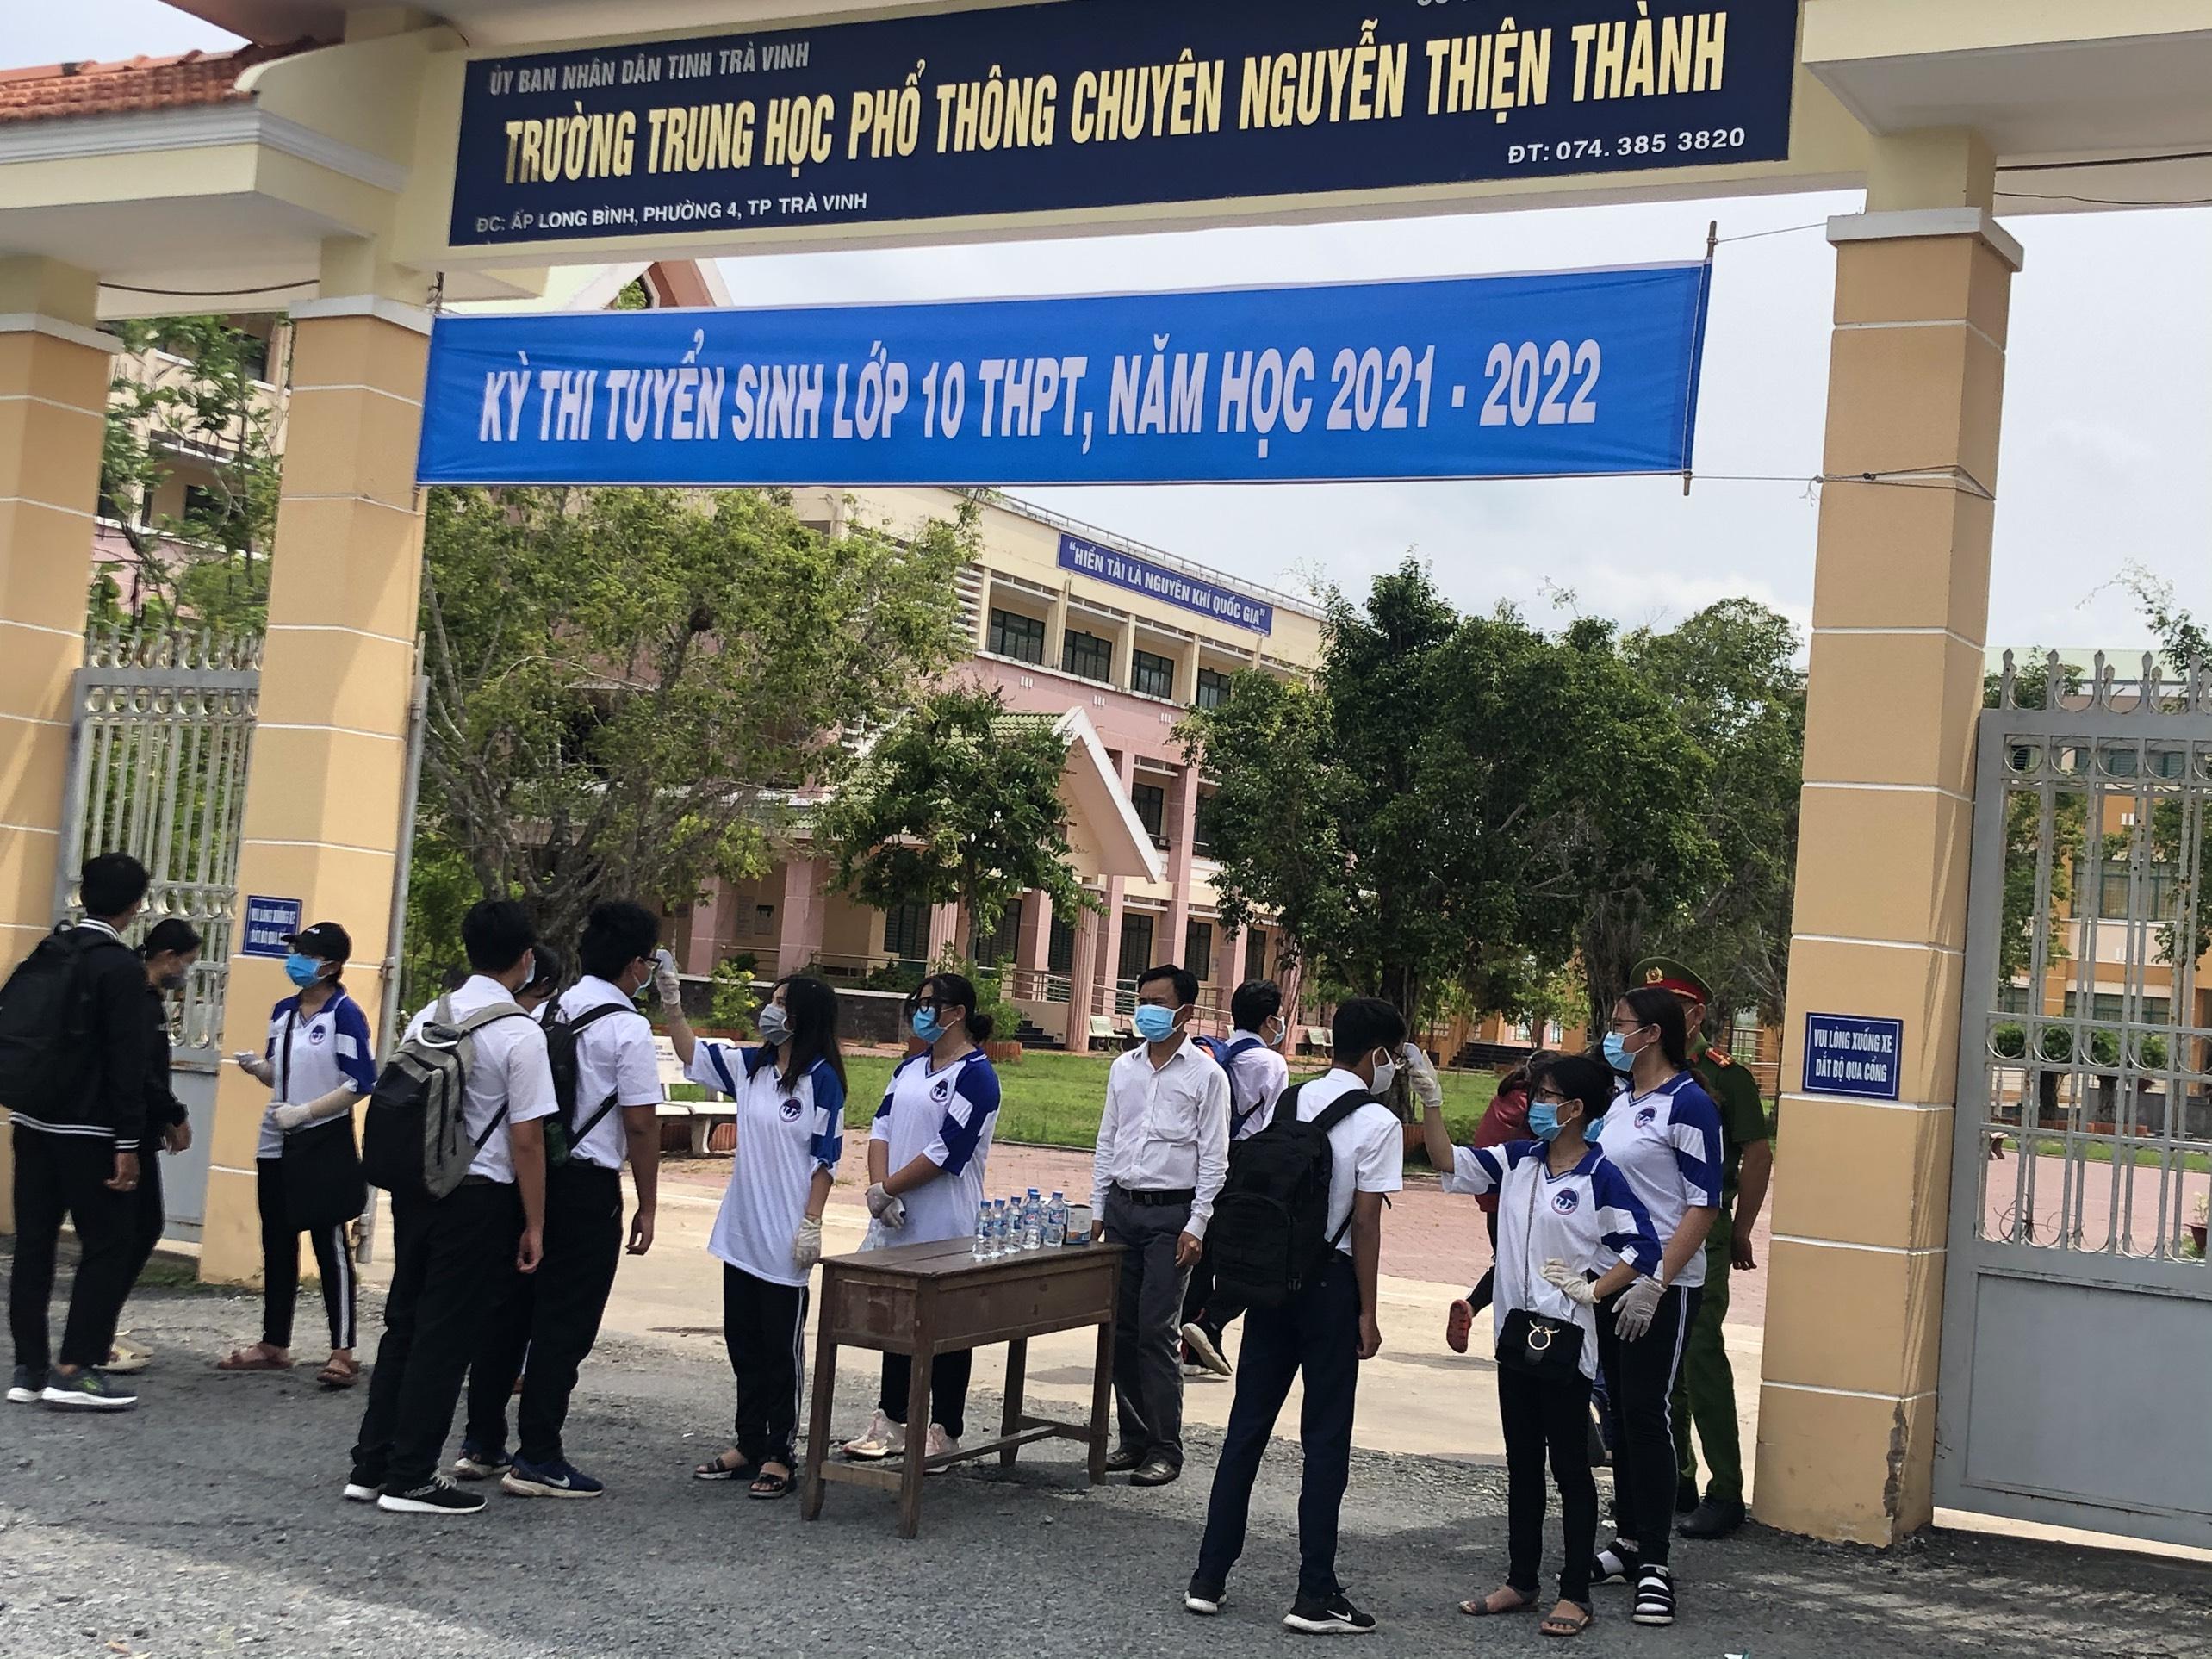 Thông báo Kết quả tuyển sinh lớp 10 năm học 2021-2022